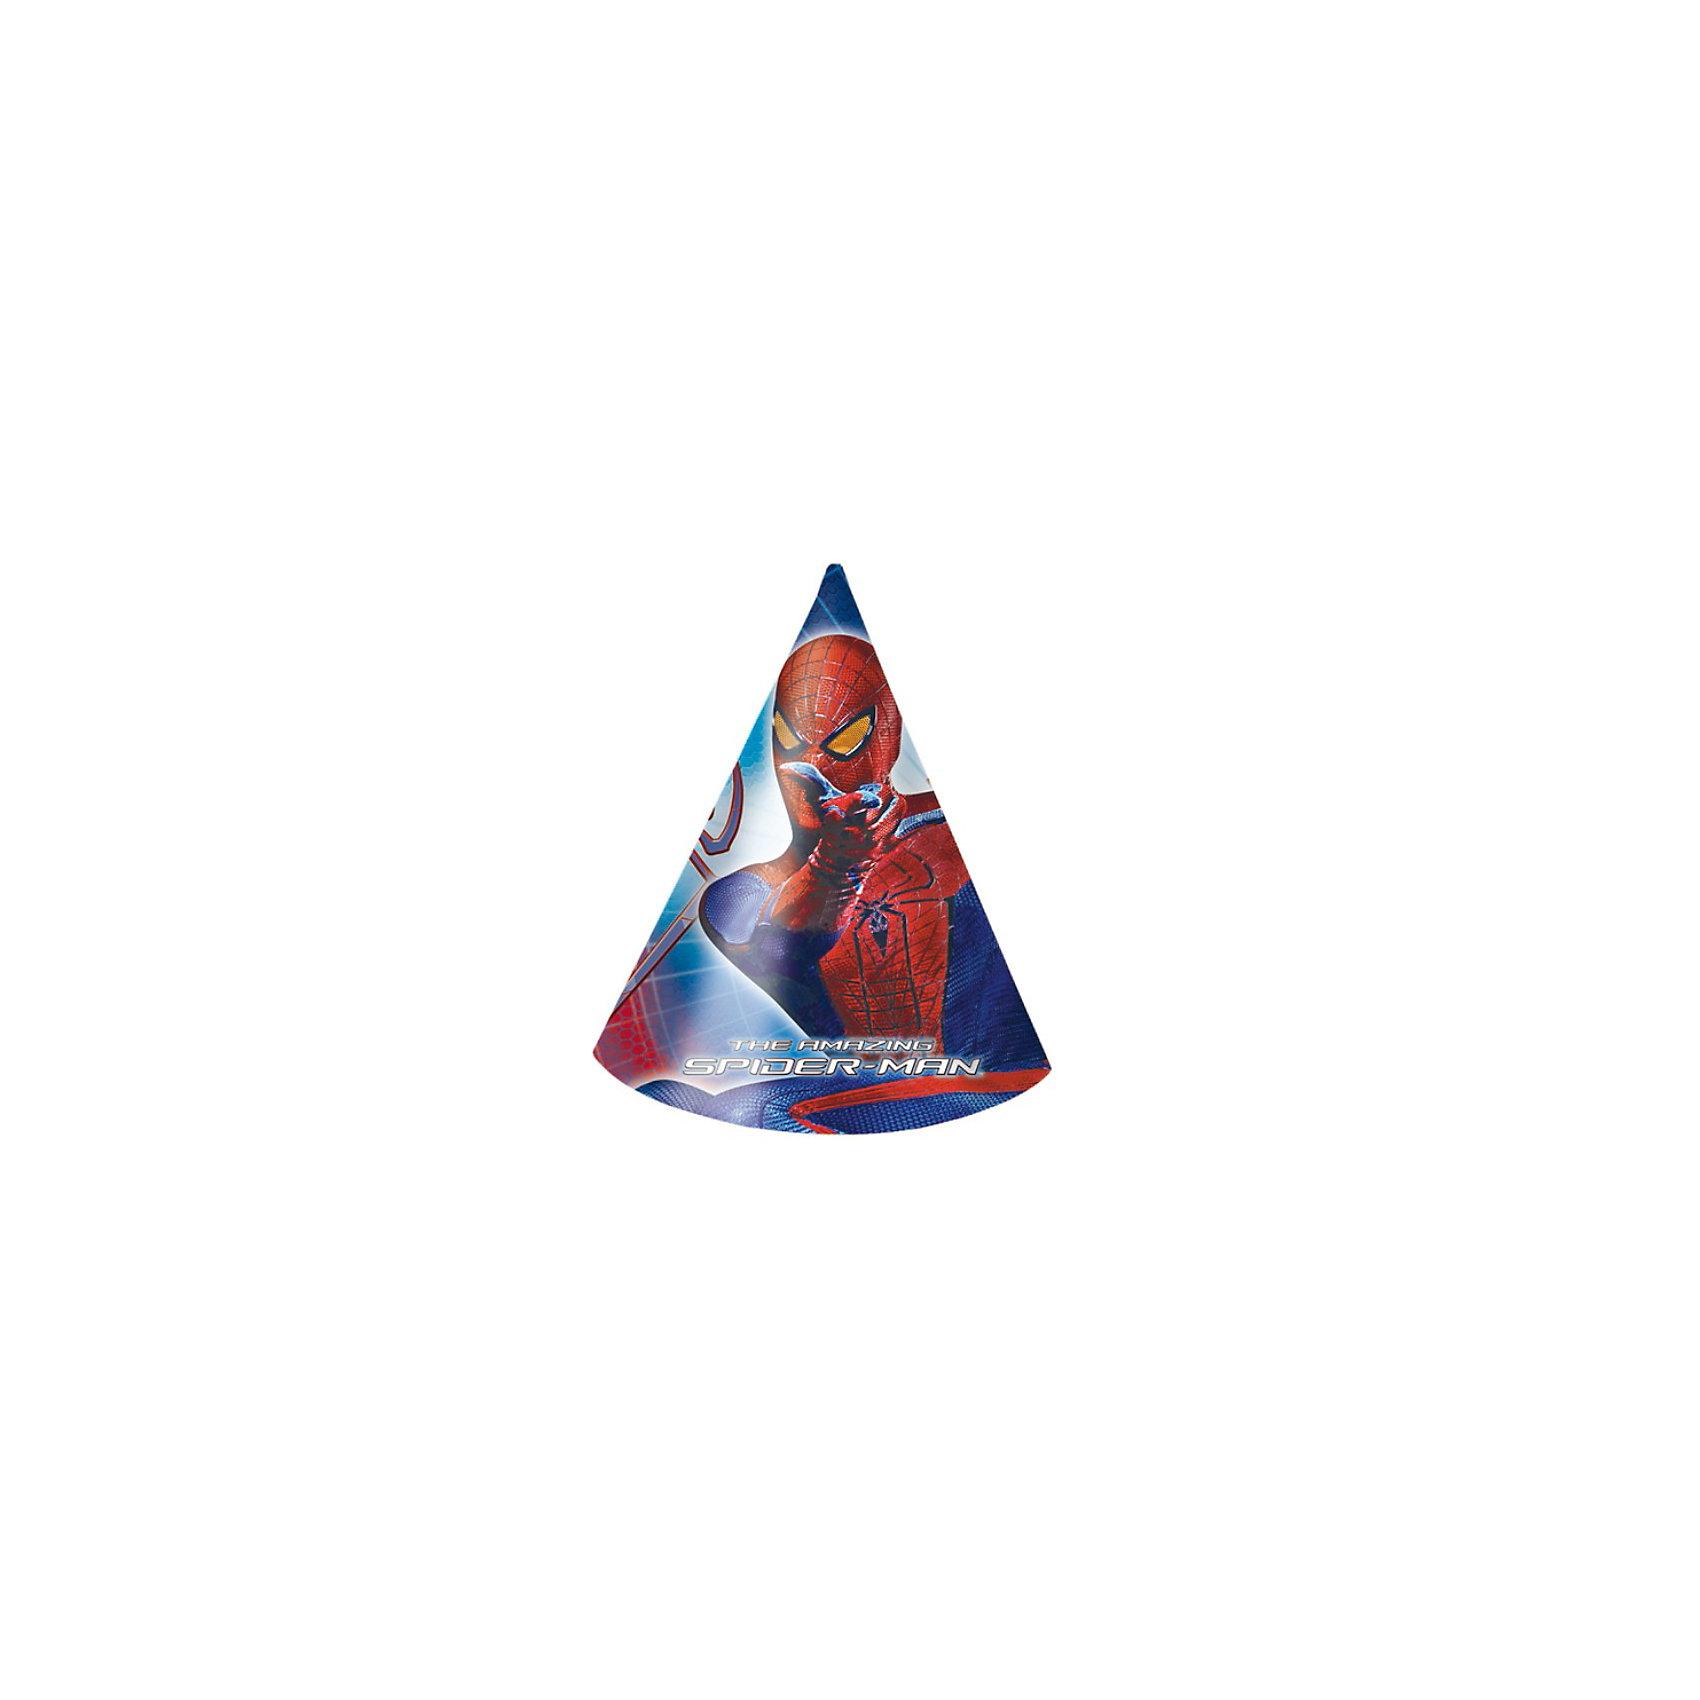 Колпаки Человек-Паук - Невероятный, 6 шт.Колпаки Человек-Паук - Невероятный, 6 шт.<br>Высота колпака: 15.5 см. <br>Количество в упаковке: 6 шт. <br>Колпаки Человек-Паук (Spider-Man) - Невероятный от компании Procos станут прекрасным дополнением к празднику, особенно если ваш ребенок - настоящий поклонник Спайдермена. <br>Колпаки сделаны из плотного картона и удерживаются на голове с помощью резинки.<br><br>Дополнительная информация:<br><br>10х160х235 мм<br><br>Поднимет настроение всей компании Вашего малыша!<br>Легко приобрести в нашем интернет-магазине!<br><br>Ширина мм: 10<br>Глубина мм: 160<br>Высота мм: 235<br>Вес г: 58<br>Возраст от месяцев: 36<br>Возраст до месяцев: 84<br>Пол: Мужской<br>Возраст: Детский<br>SKU: 3360059